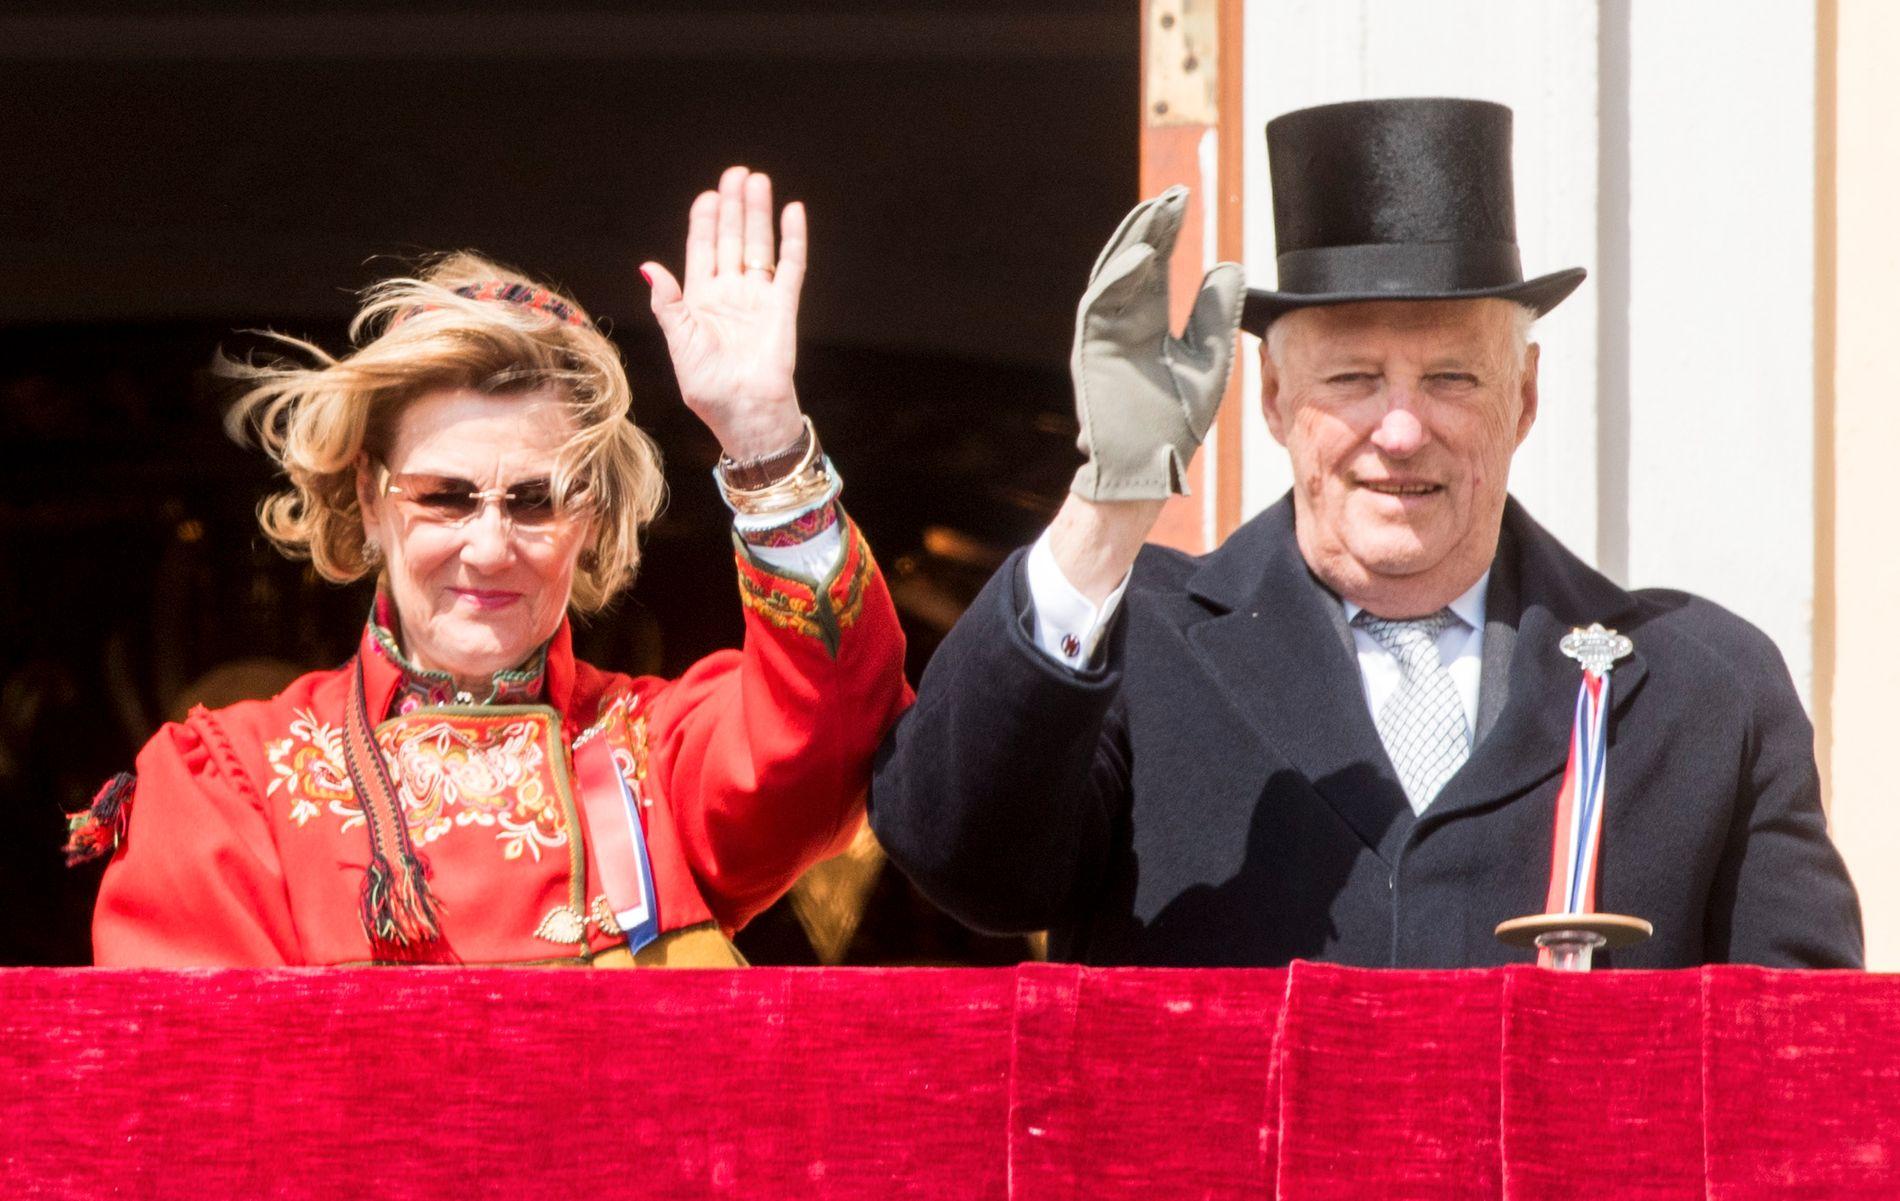 UTROLIG HYGGELIG: Slottet skriver at det er «utrolig hyggelig» at så mange vil feire kongeparet på deres gullbryllupdags neste onsdag.